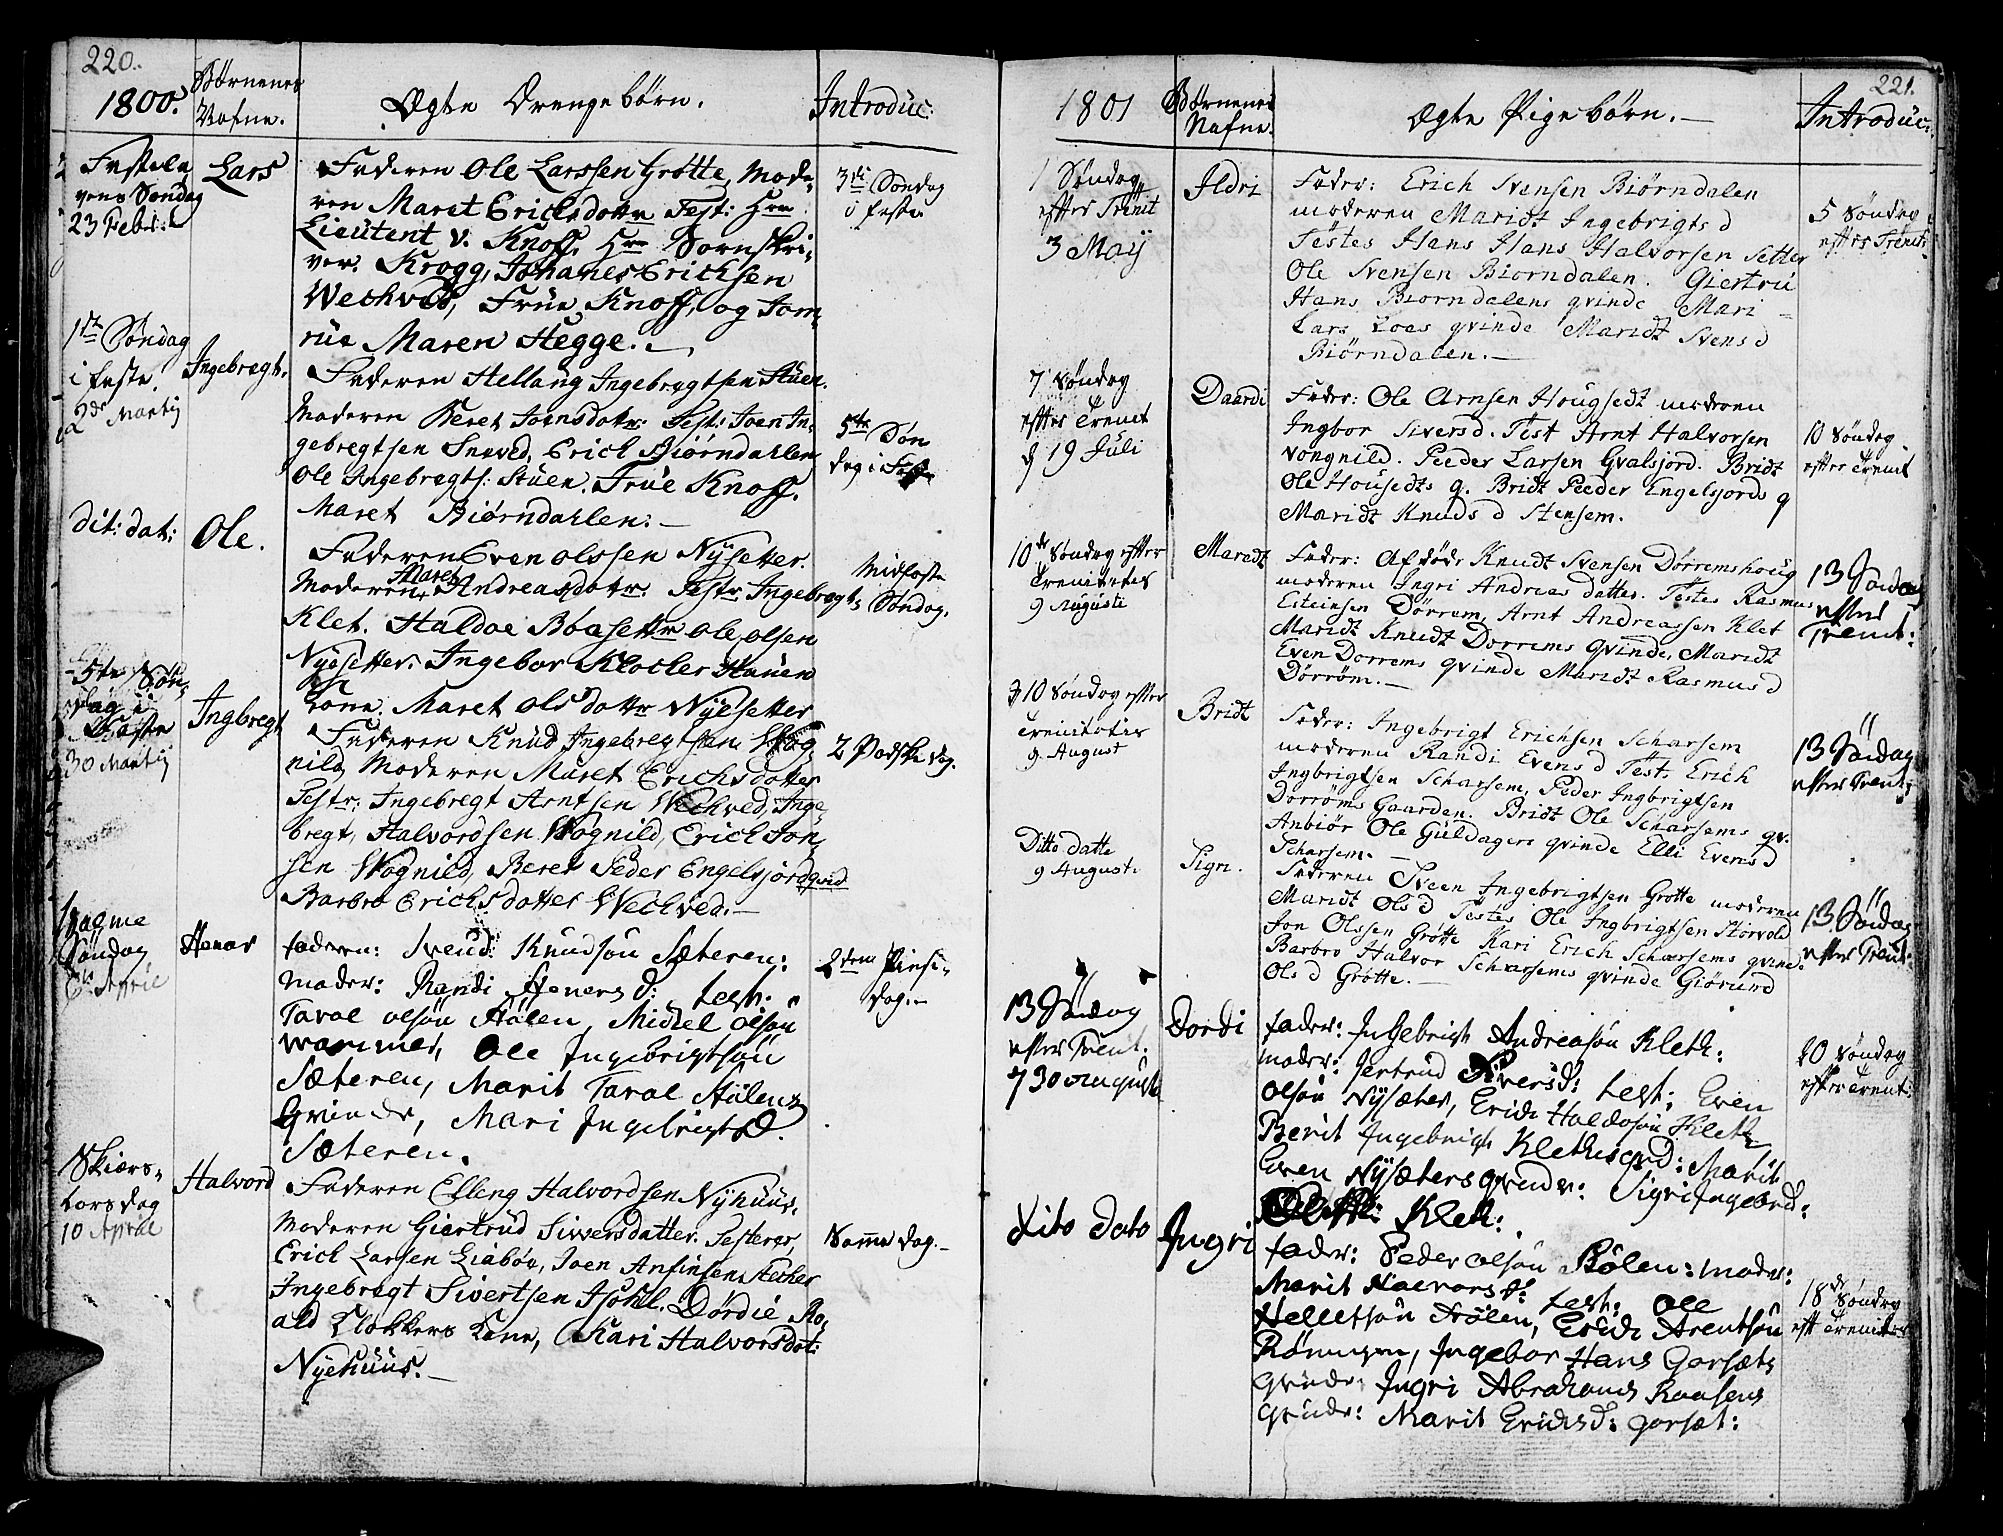 SAT, Ministerialprotokoller, klokkerbøker og fødselsregistre - Sør-Trøndelag, 678/L0893: Ministerialbok nr. 678A03, 1792-1805, s. 220-221